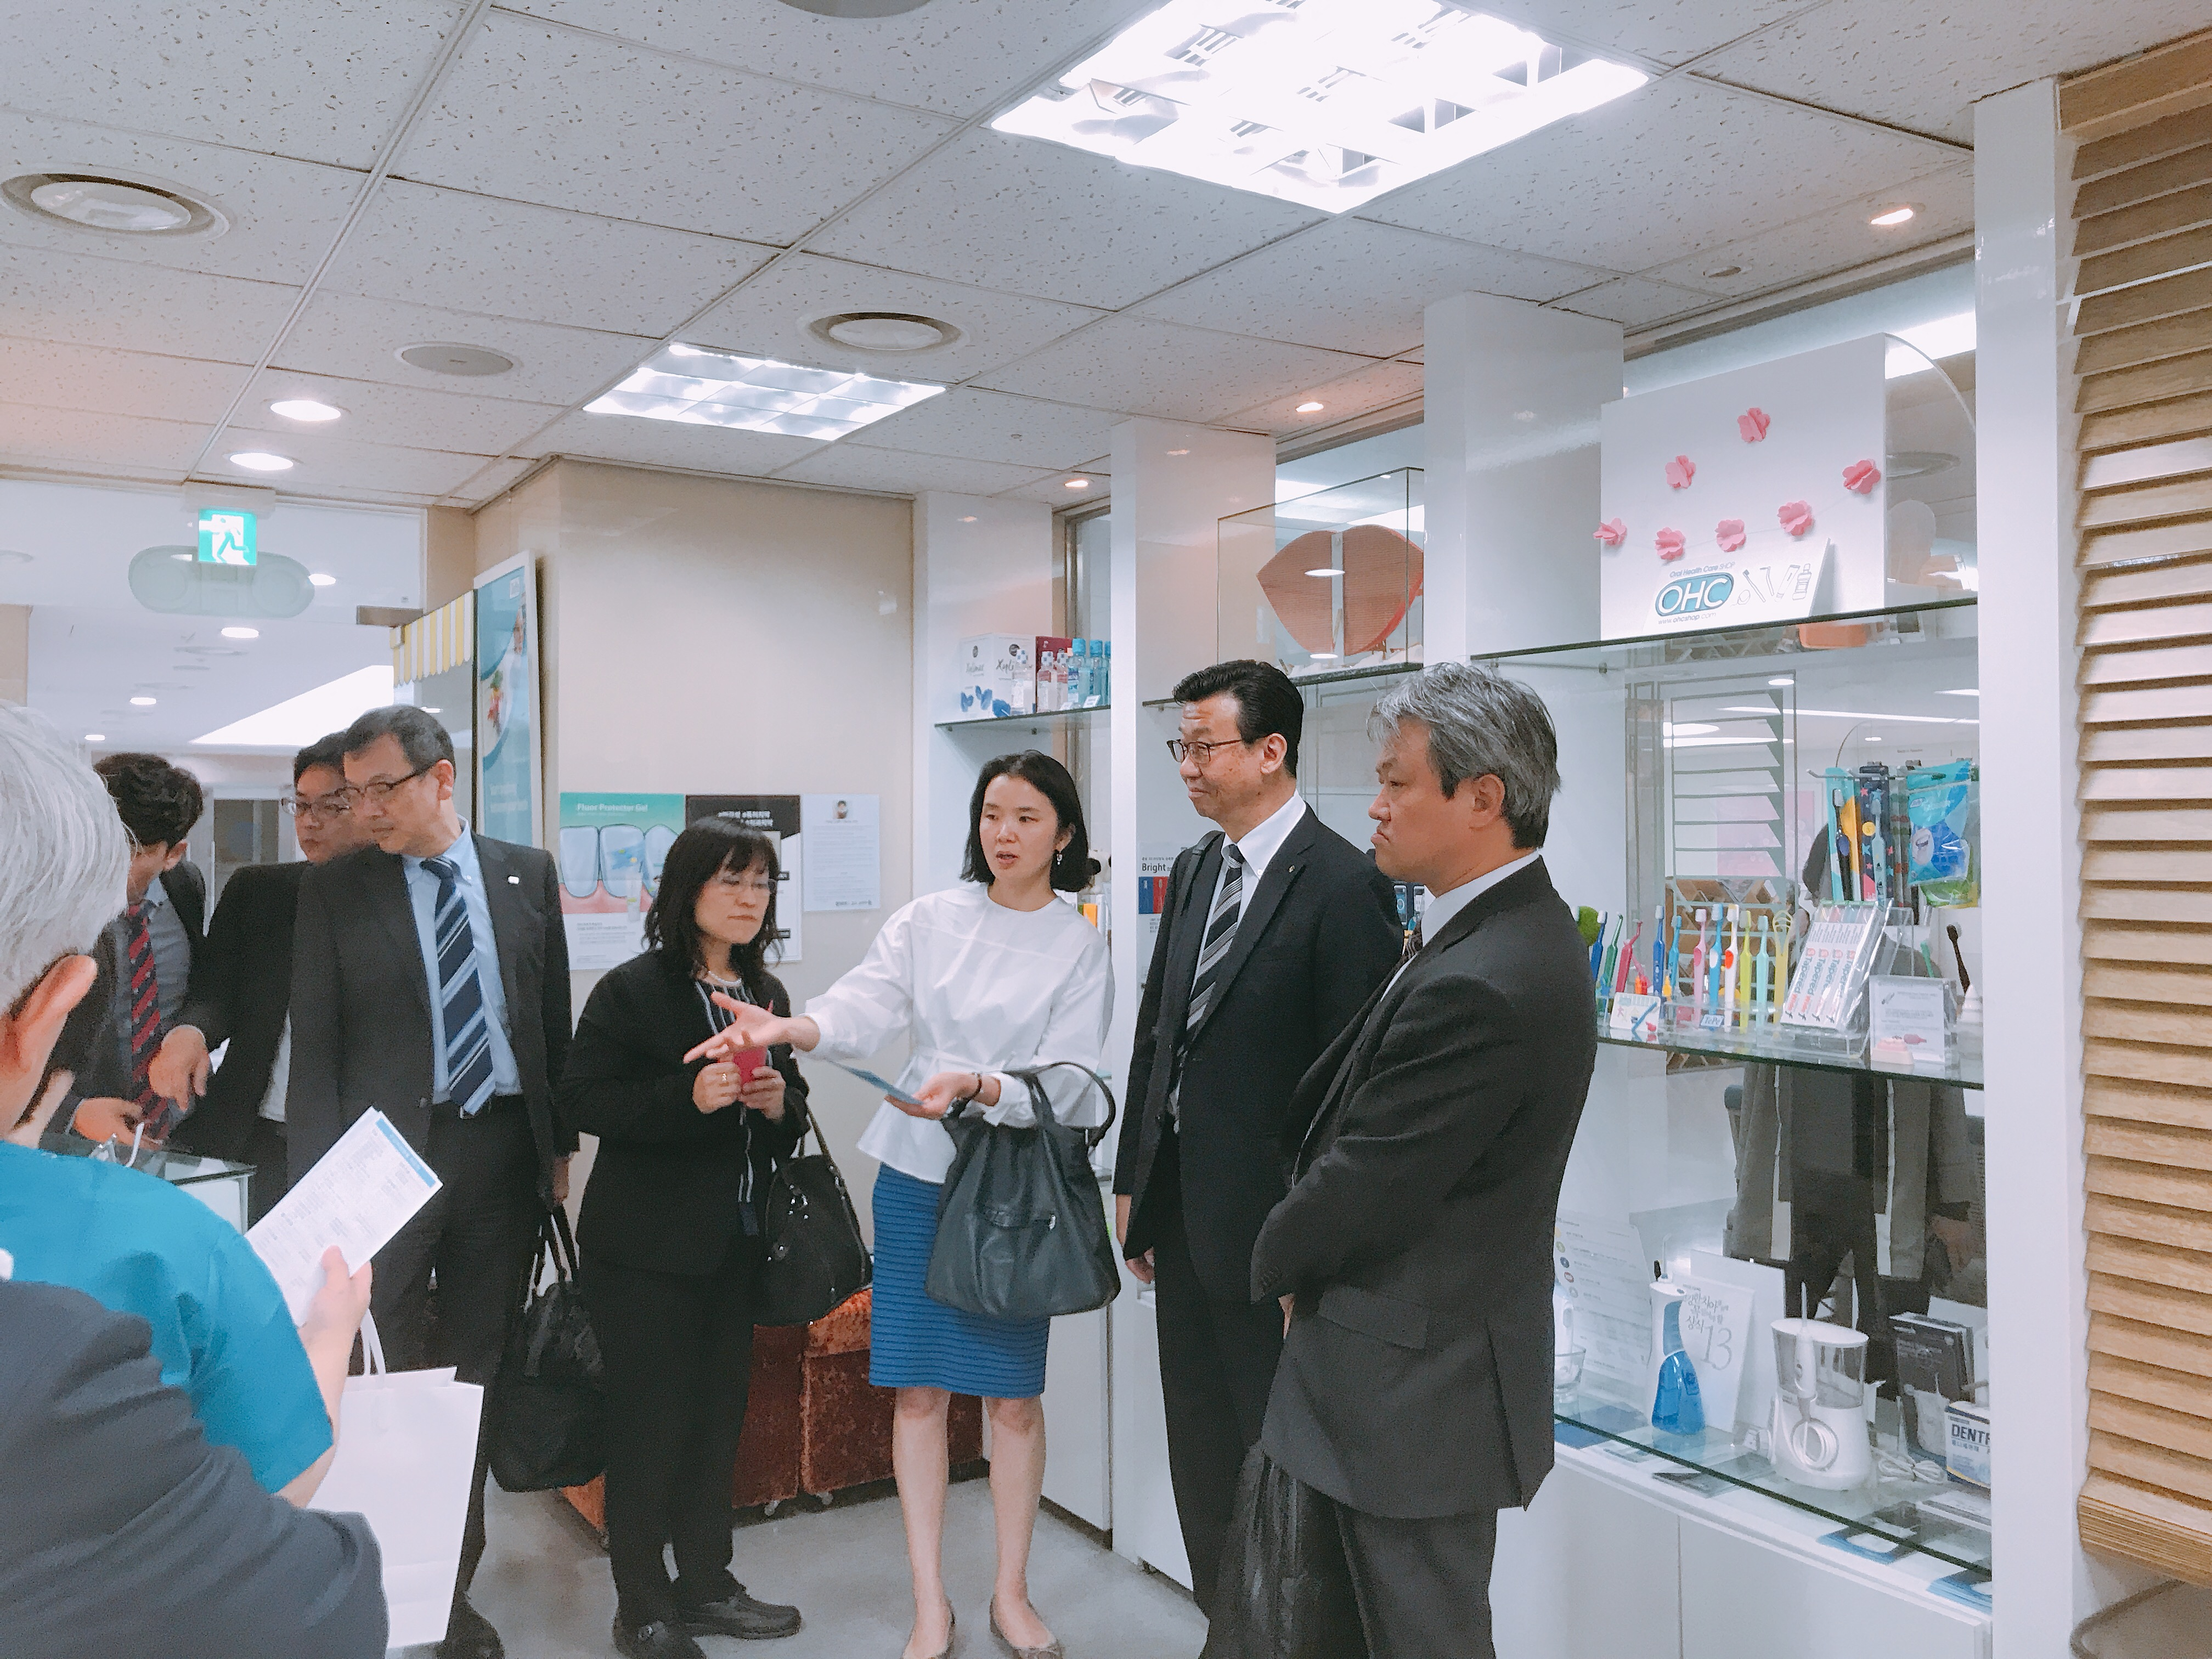 2019-5-13 일본 라이온 본사 직원 혜화방문 13.jpg